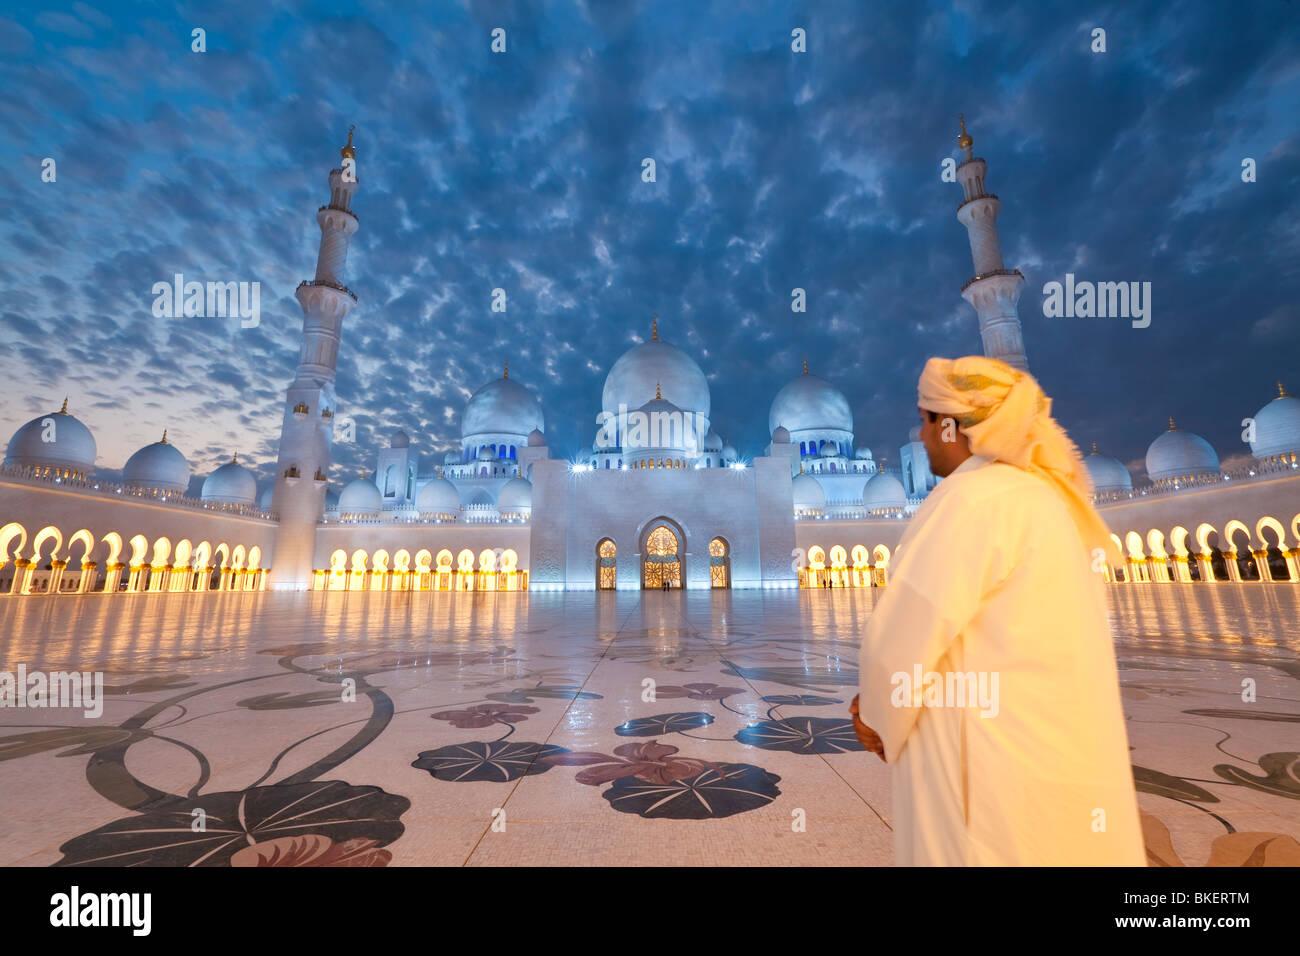 Scheich Zayed Bin Sultan Al Nahyan Moschee in Abu Dhabi, Vereinigte Arabische Emirate, UAE - M.R Stockbild